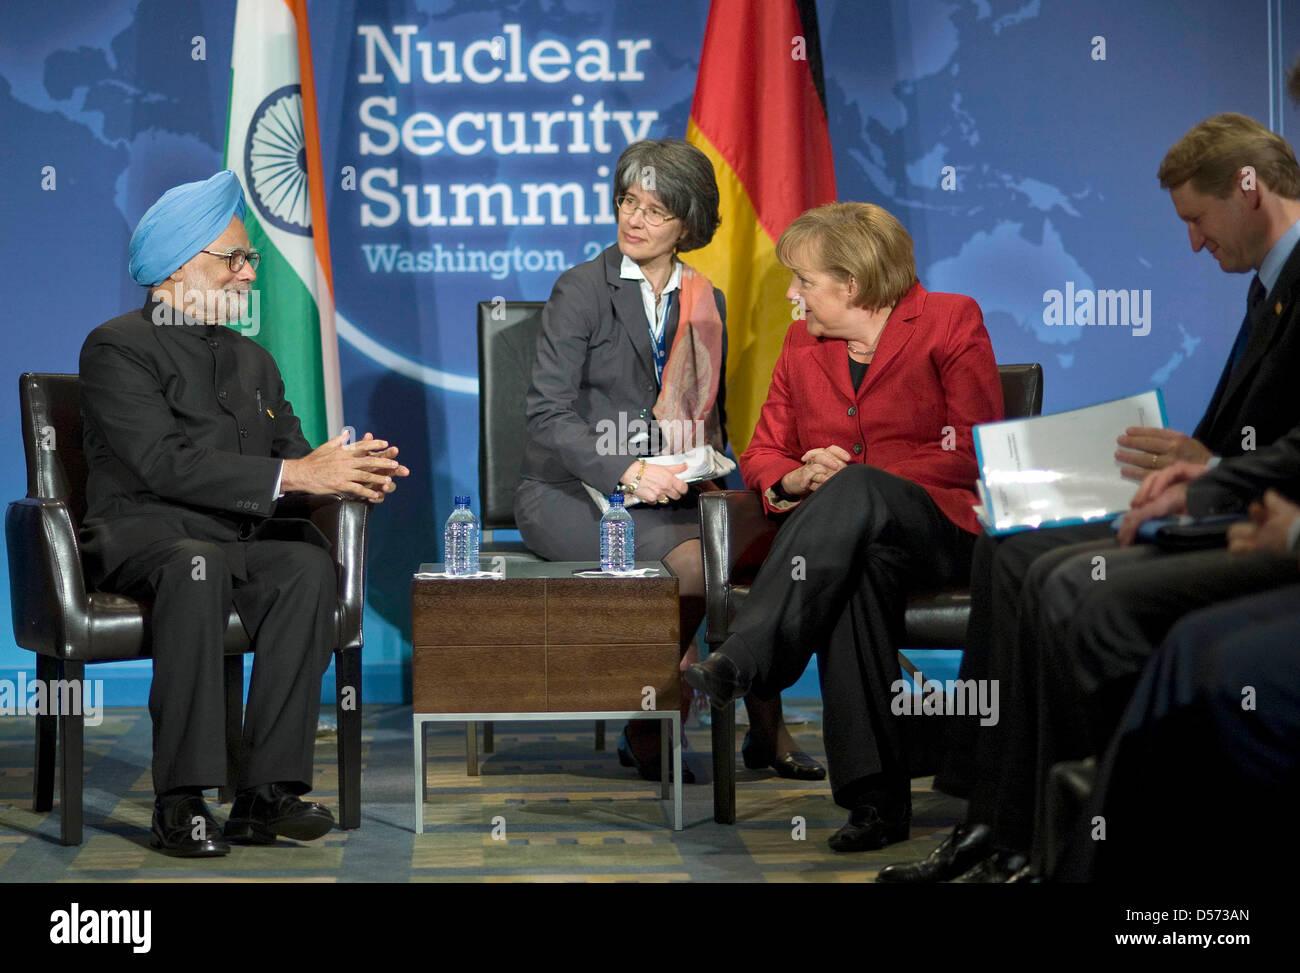 Treffen von Bundeskanzlerin Angela Merkel und Indiens Premierminister Manmohan Singh nach Ende des Nuclear Security - Stock Image